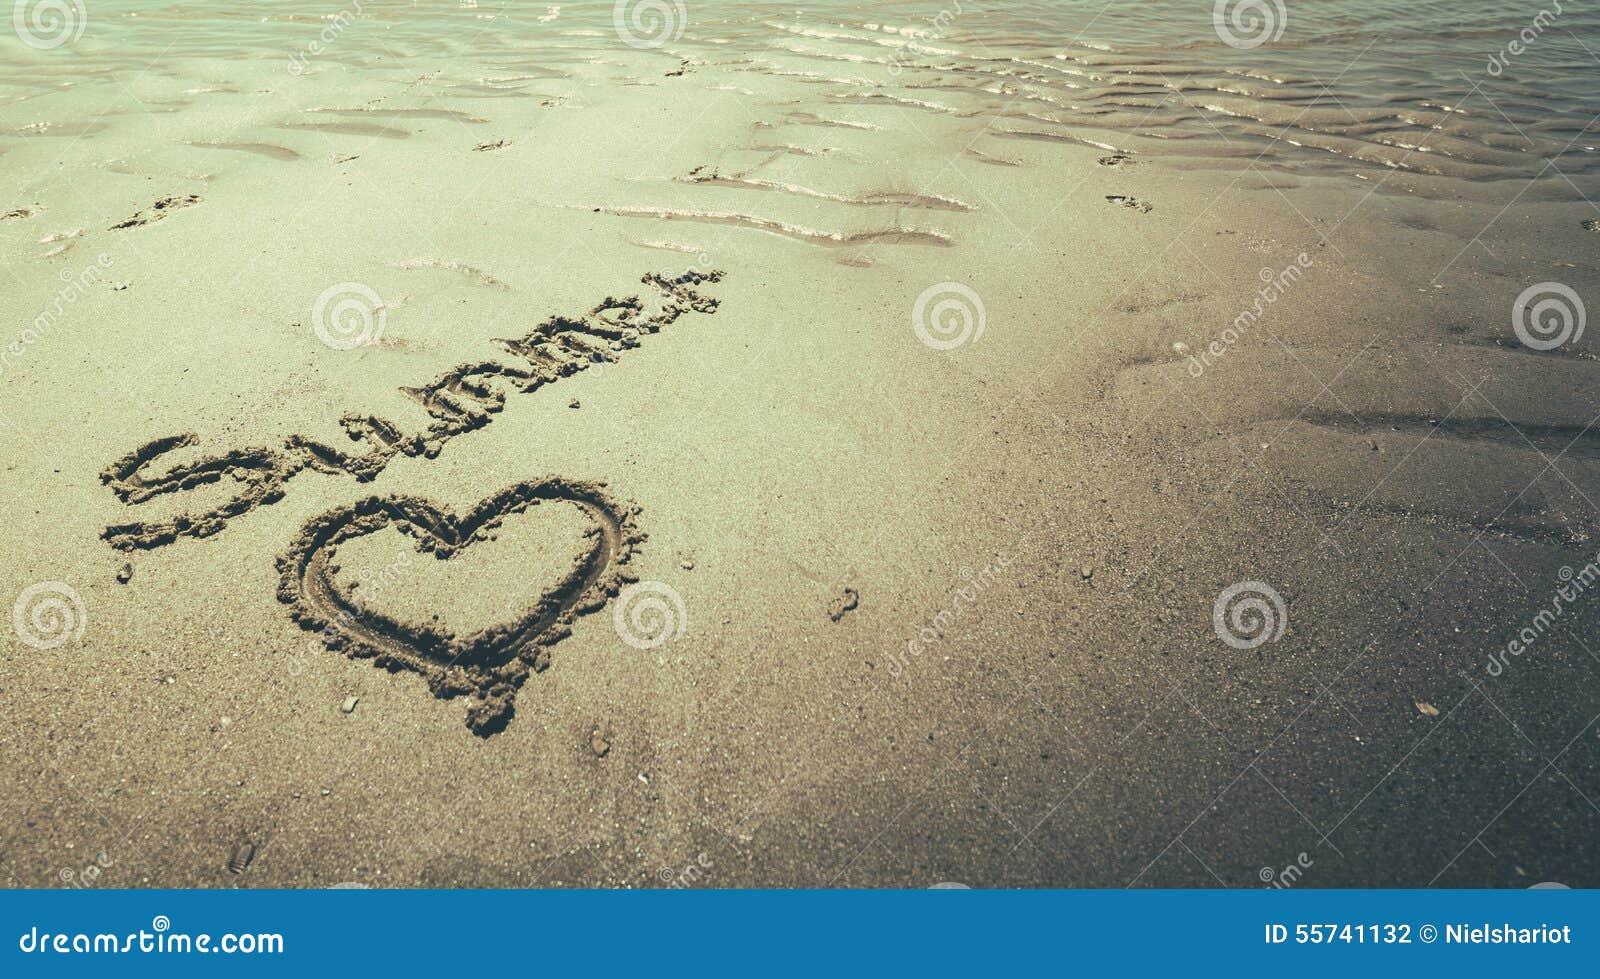 Été manuscrit dans le sable de la plage avec un beau coeur